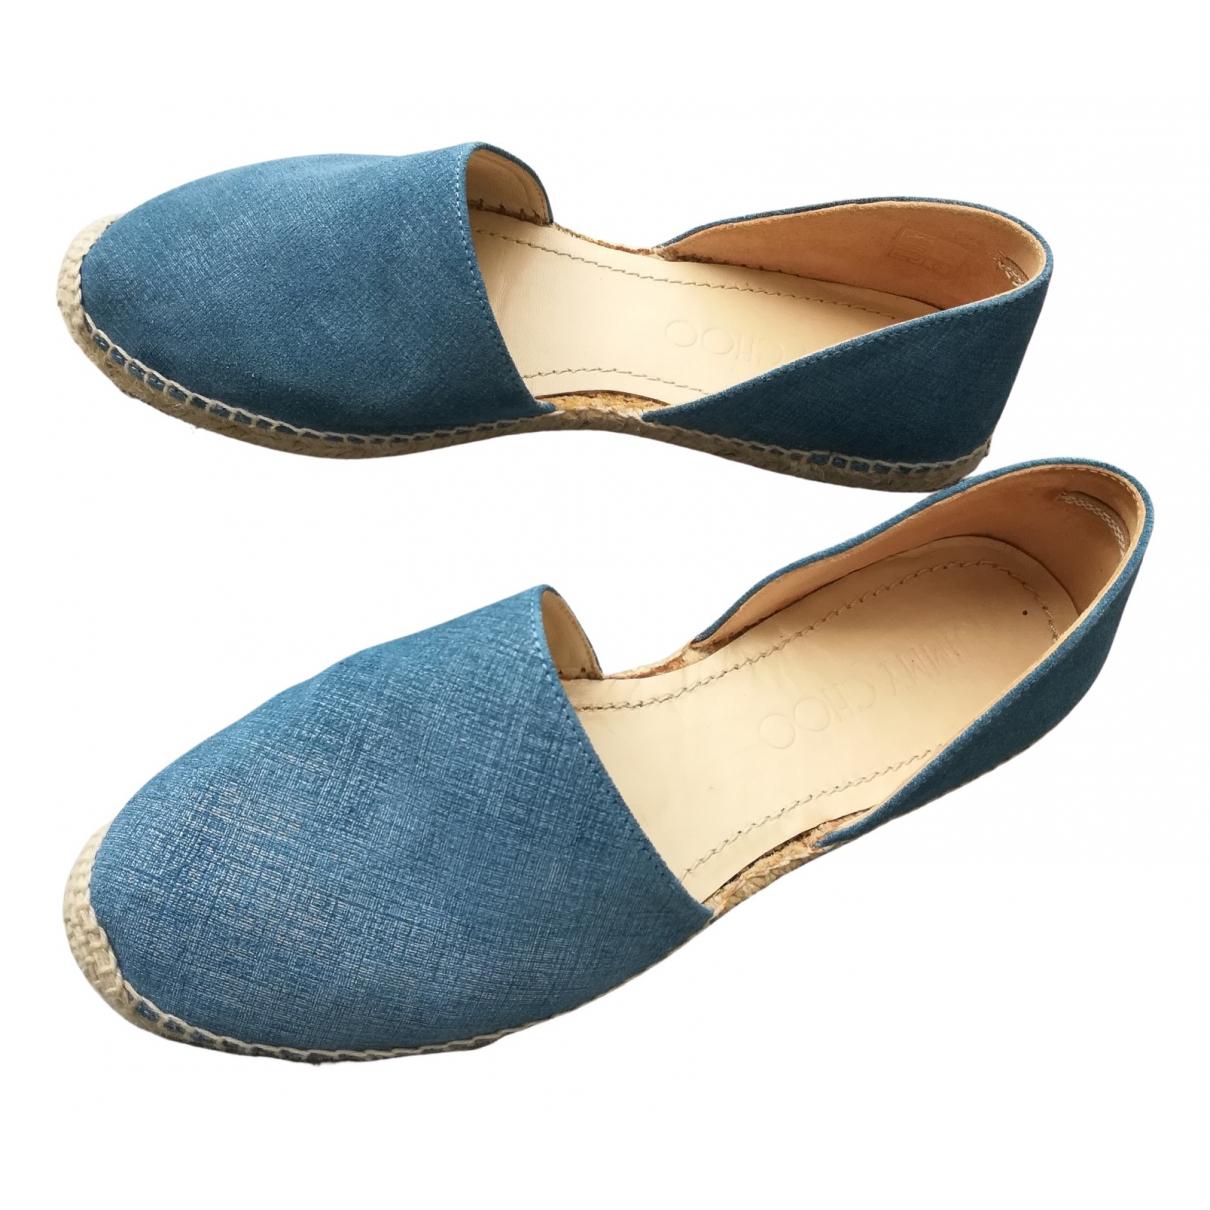 Jimmy Choo \N Espadrilles in  Blau Denim - Jeans